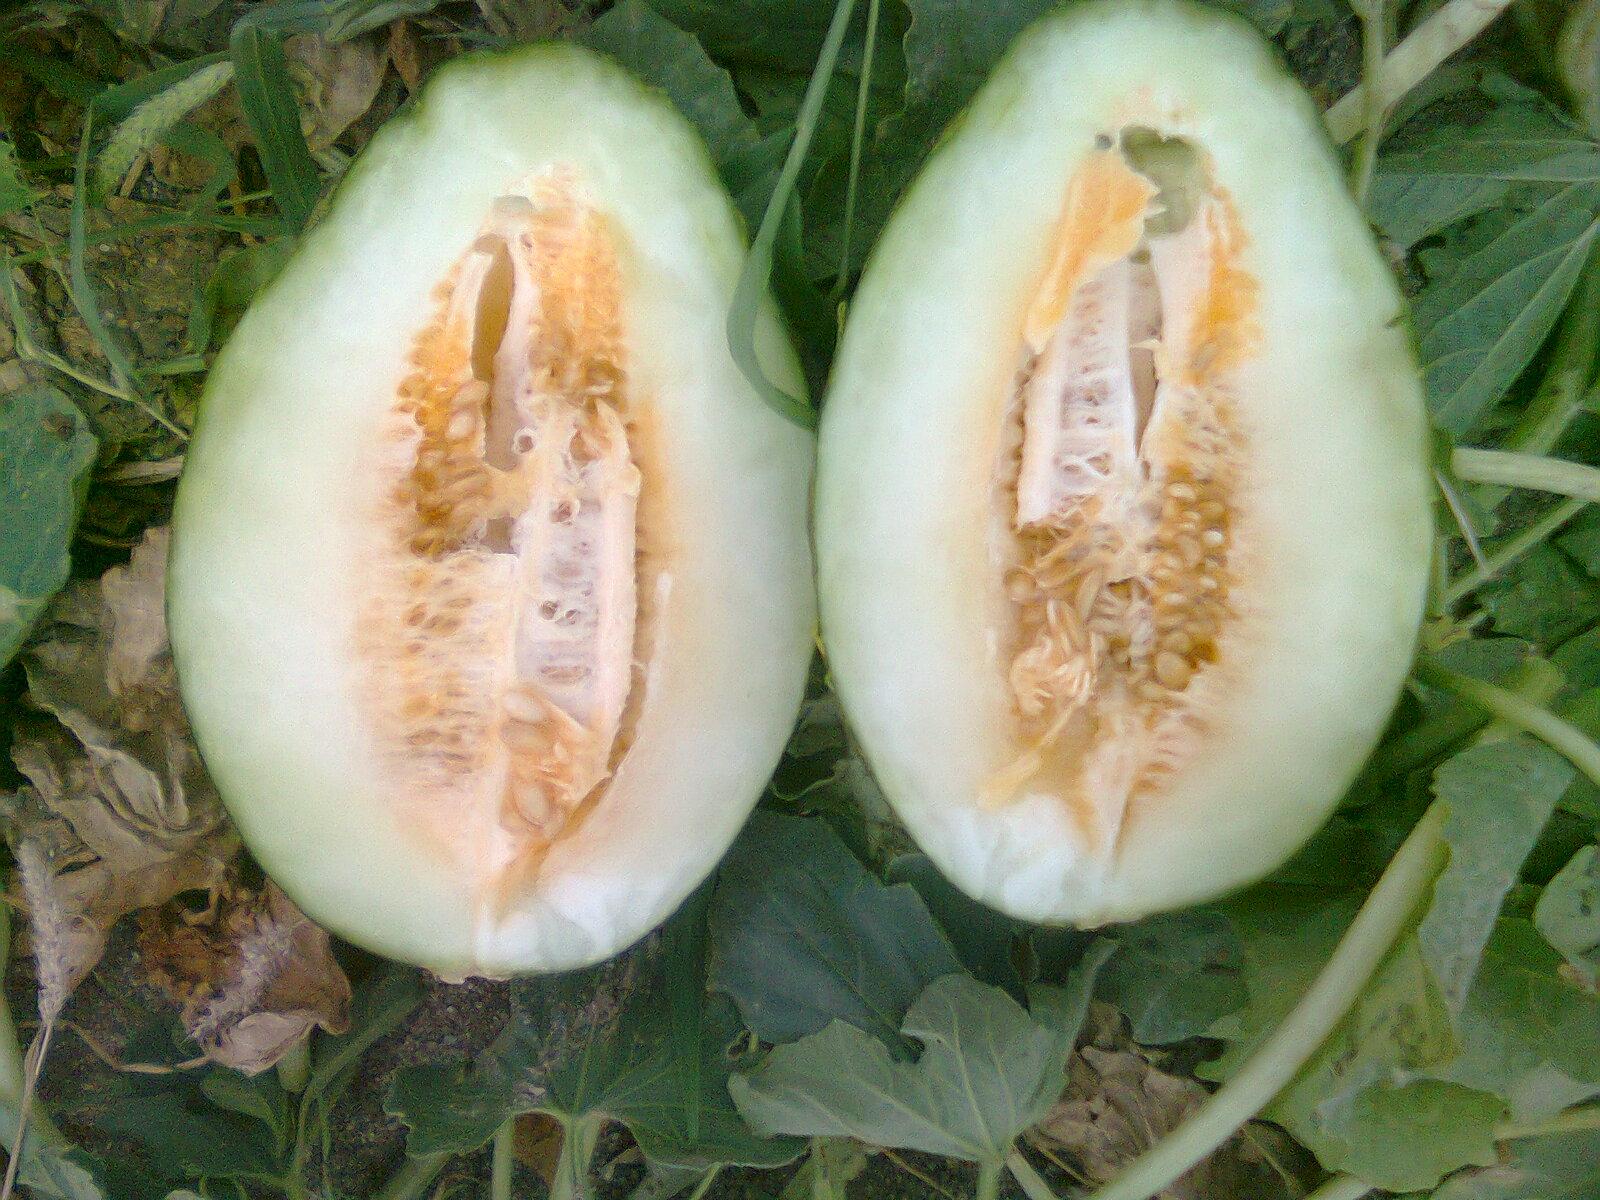 melones los melones cucumis melo l son unas frutas de temporada de